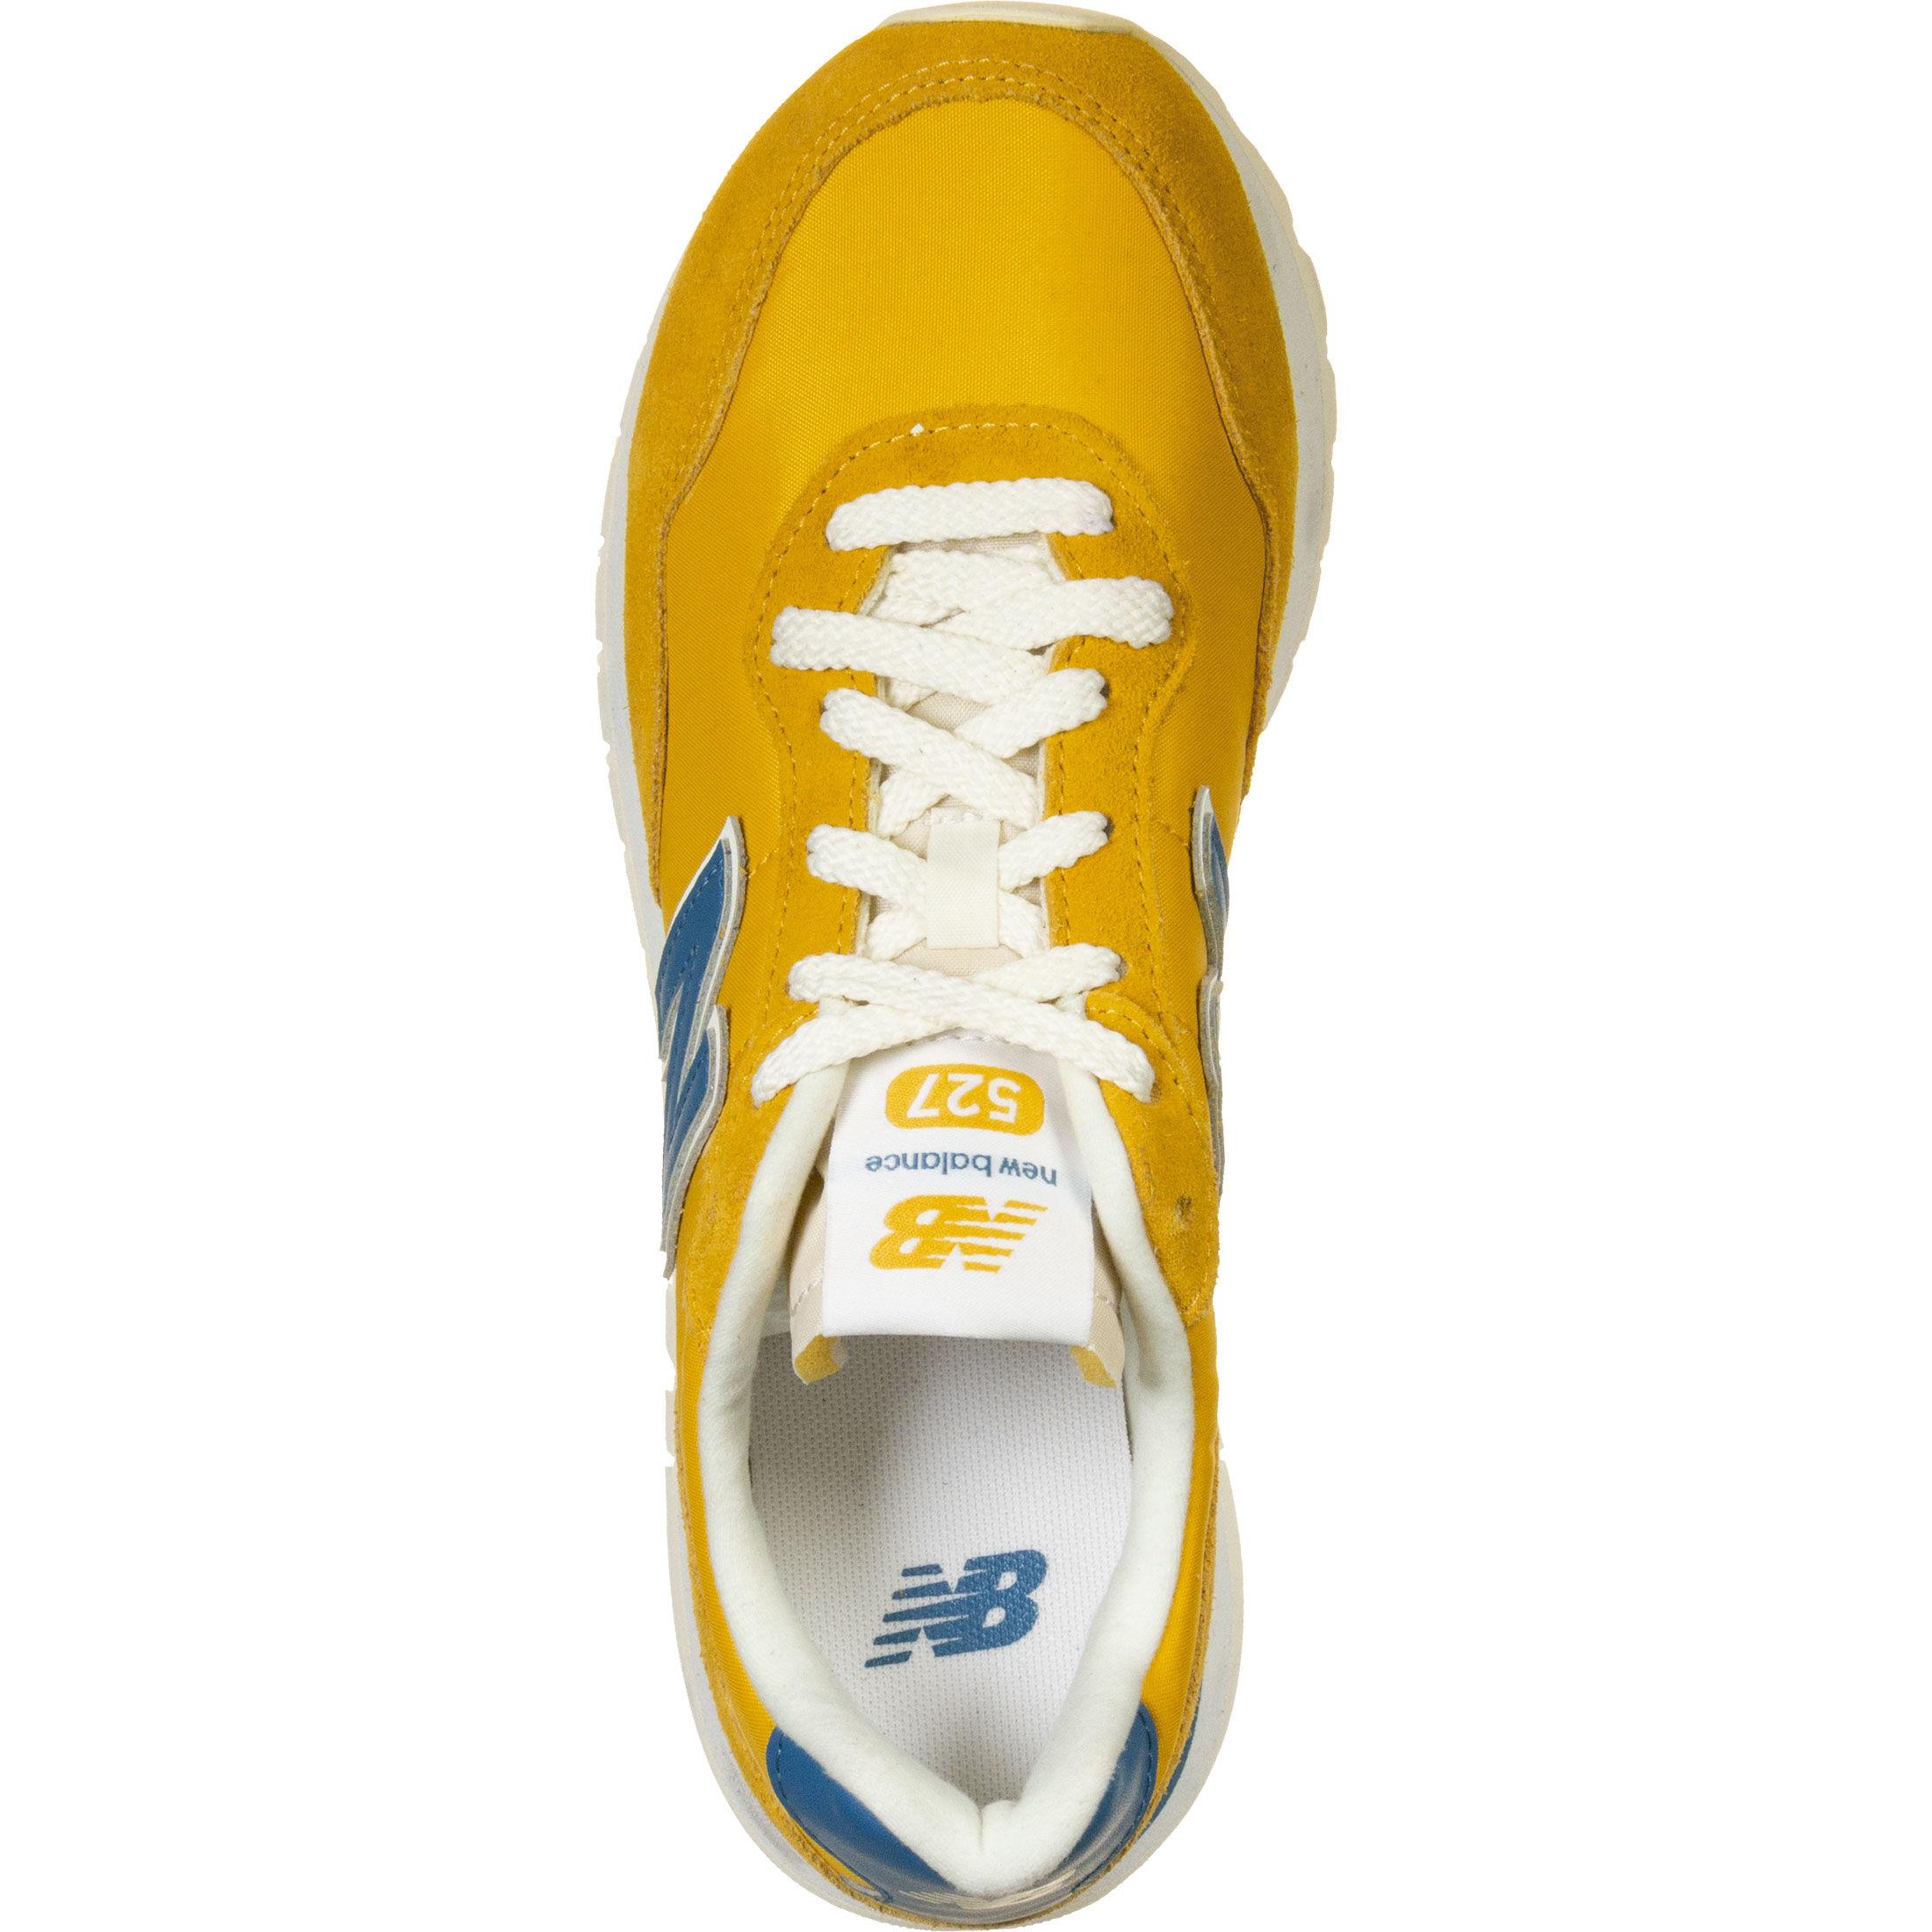 New Balance 527 - Sneaker basse su Stylefile